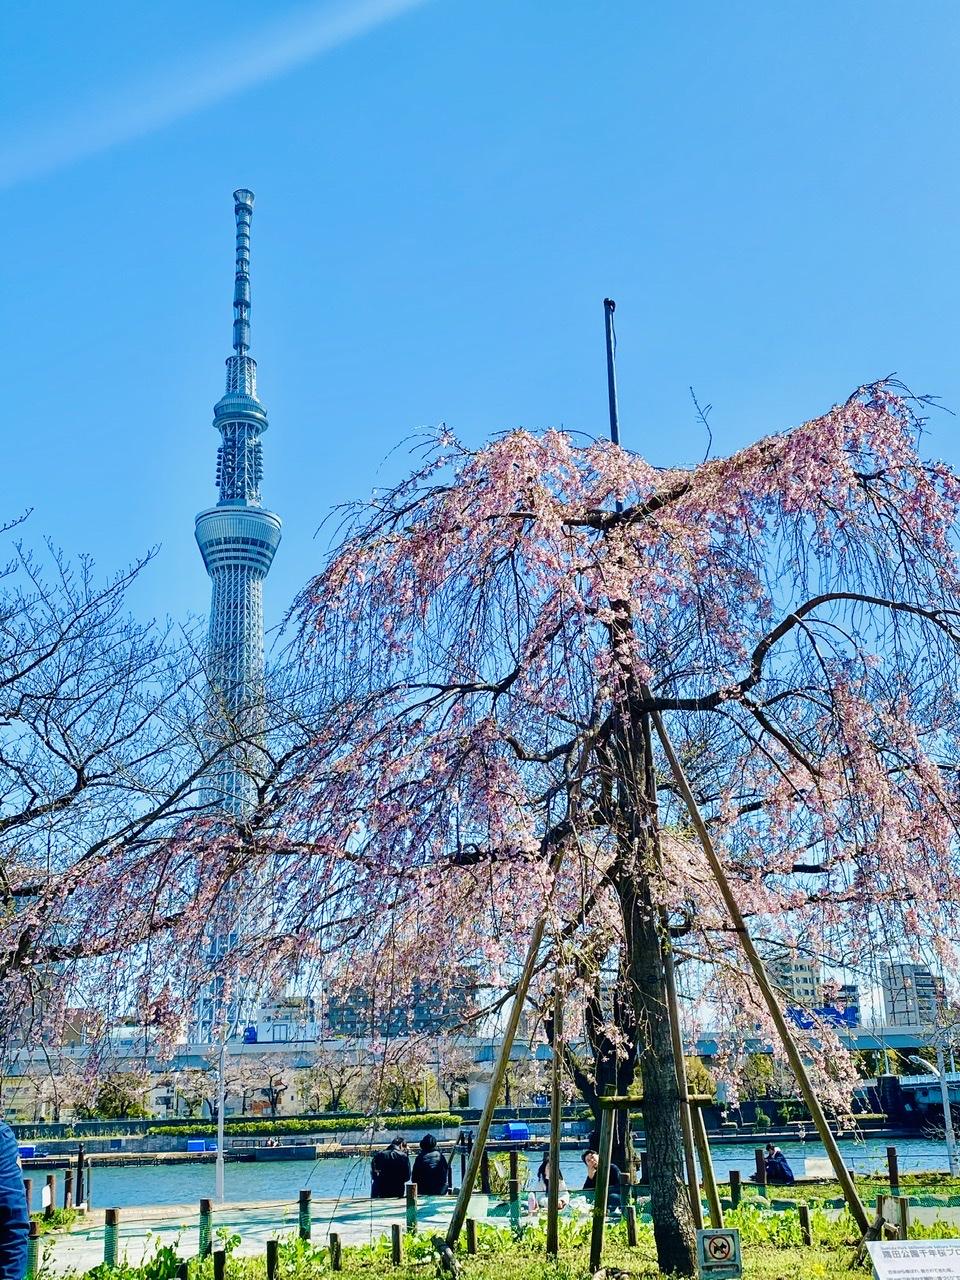 【隅田公園】お花見絶景スポット発見!《桜×東京スカイツリー》のコラボが映え度抜群♡_2